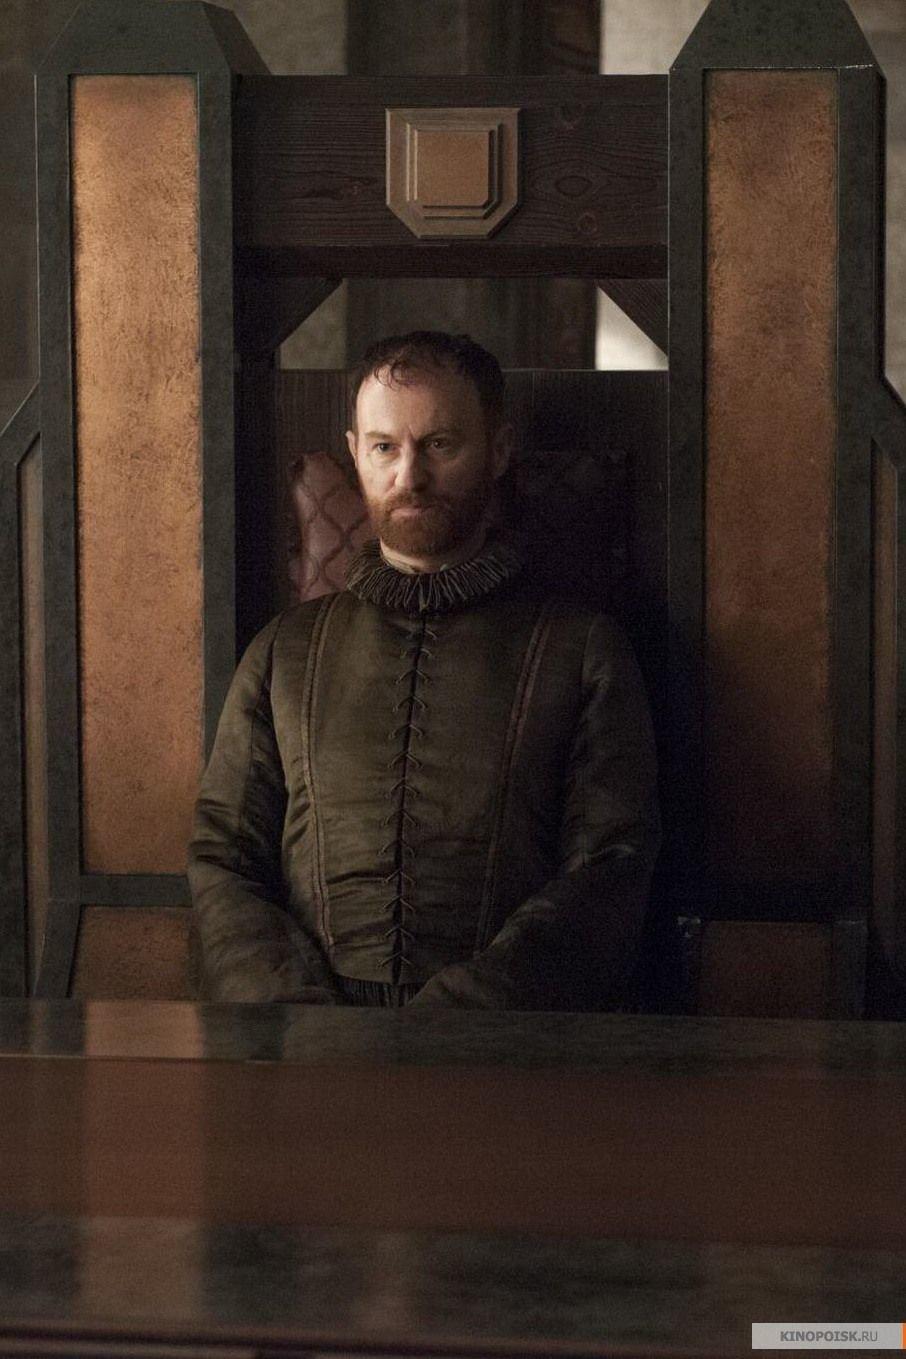 Игра престолов: Кадры   1 | картинка Game of Thrones 2419602